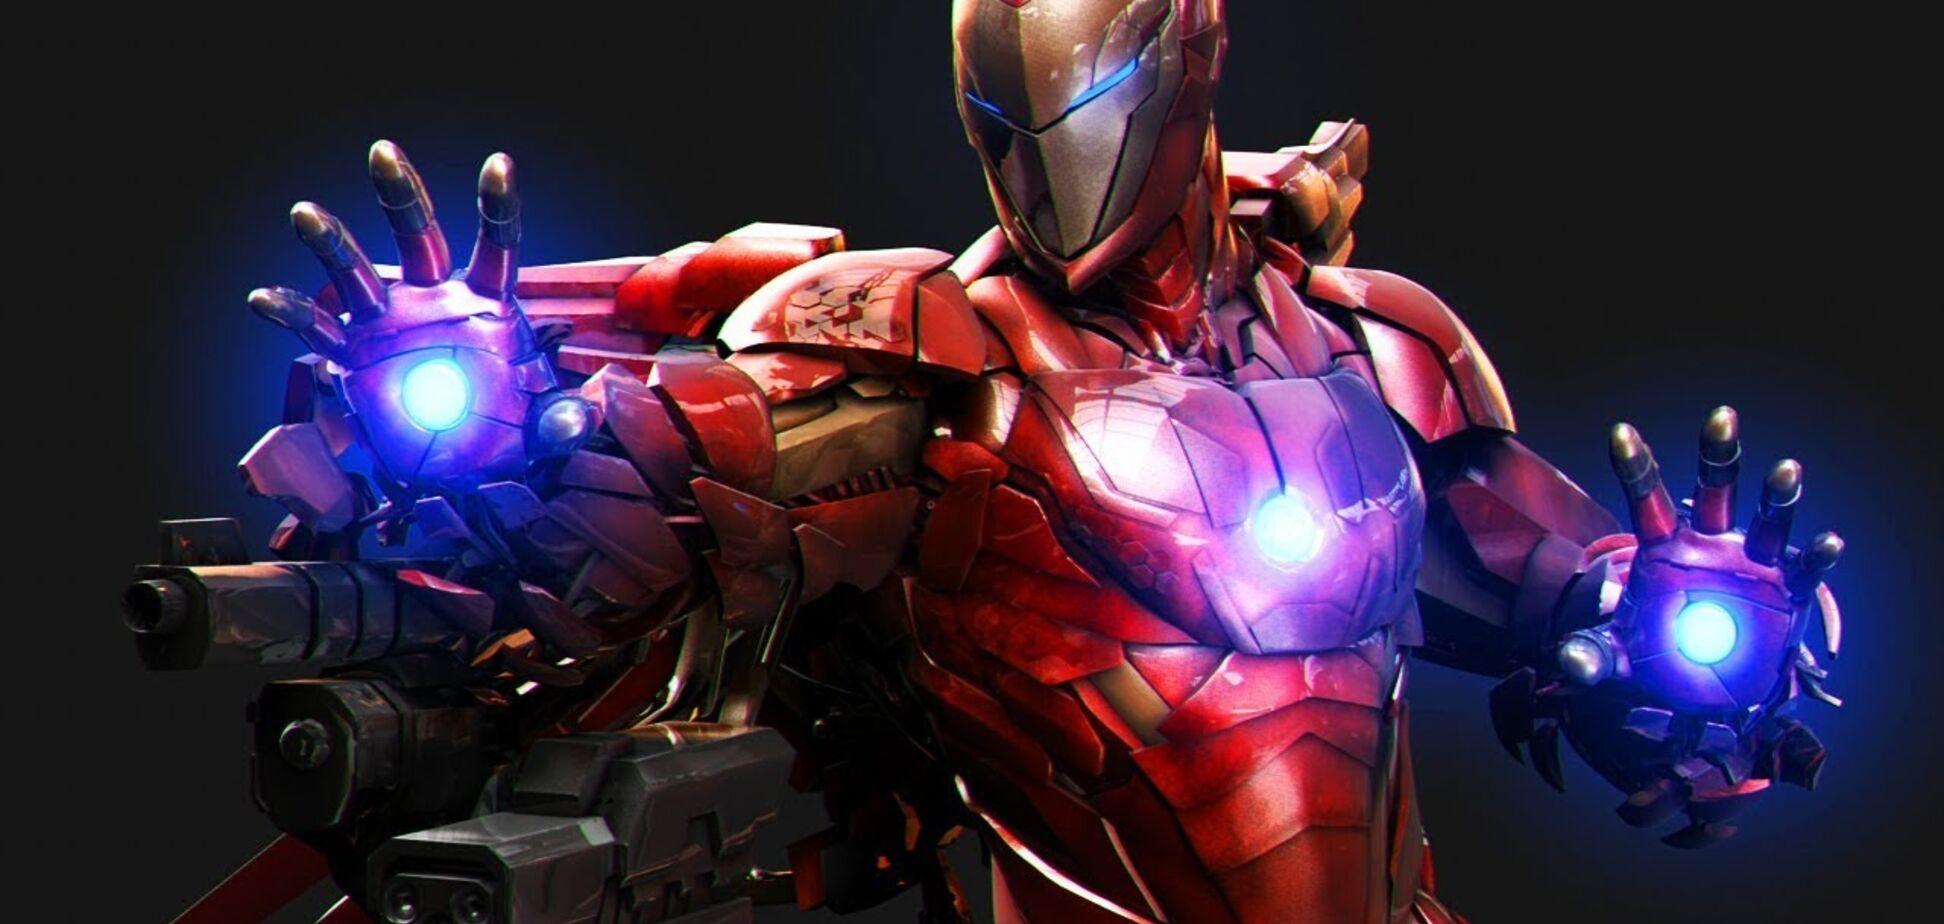 В Голливуде украли 'Железного человека'